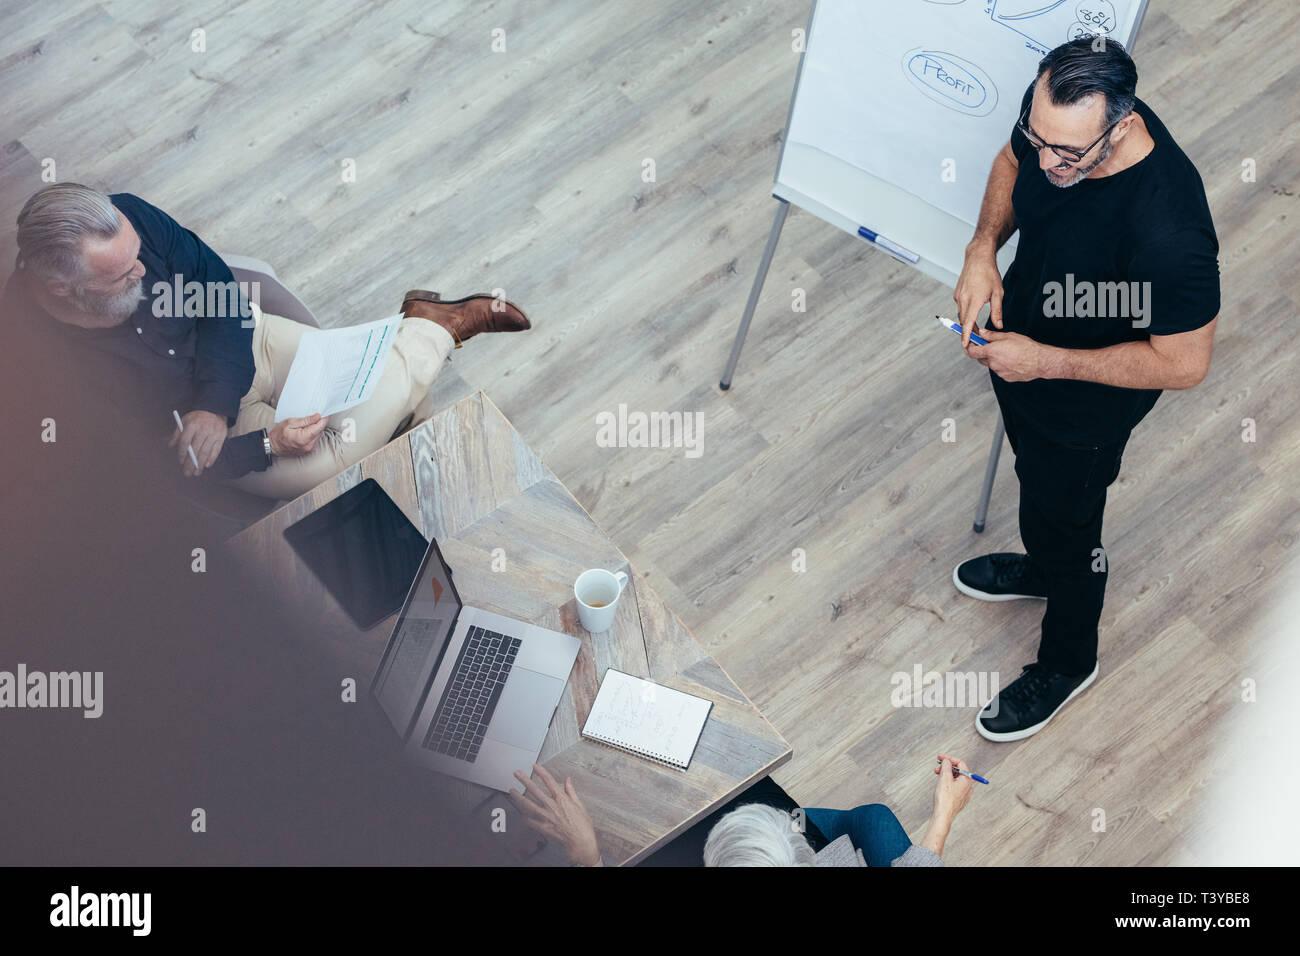 Empresario maduro presenta sus ideas sobre la pizarra a los colegas. Manager dando presentación a su equipo en la sala de conferencias en la oficina. Foto de stock